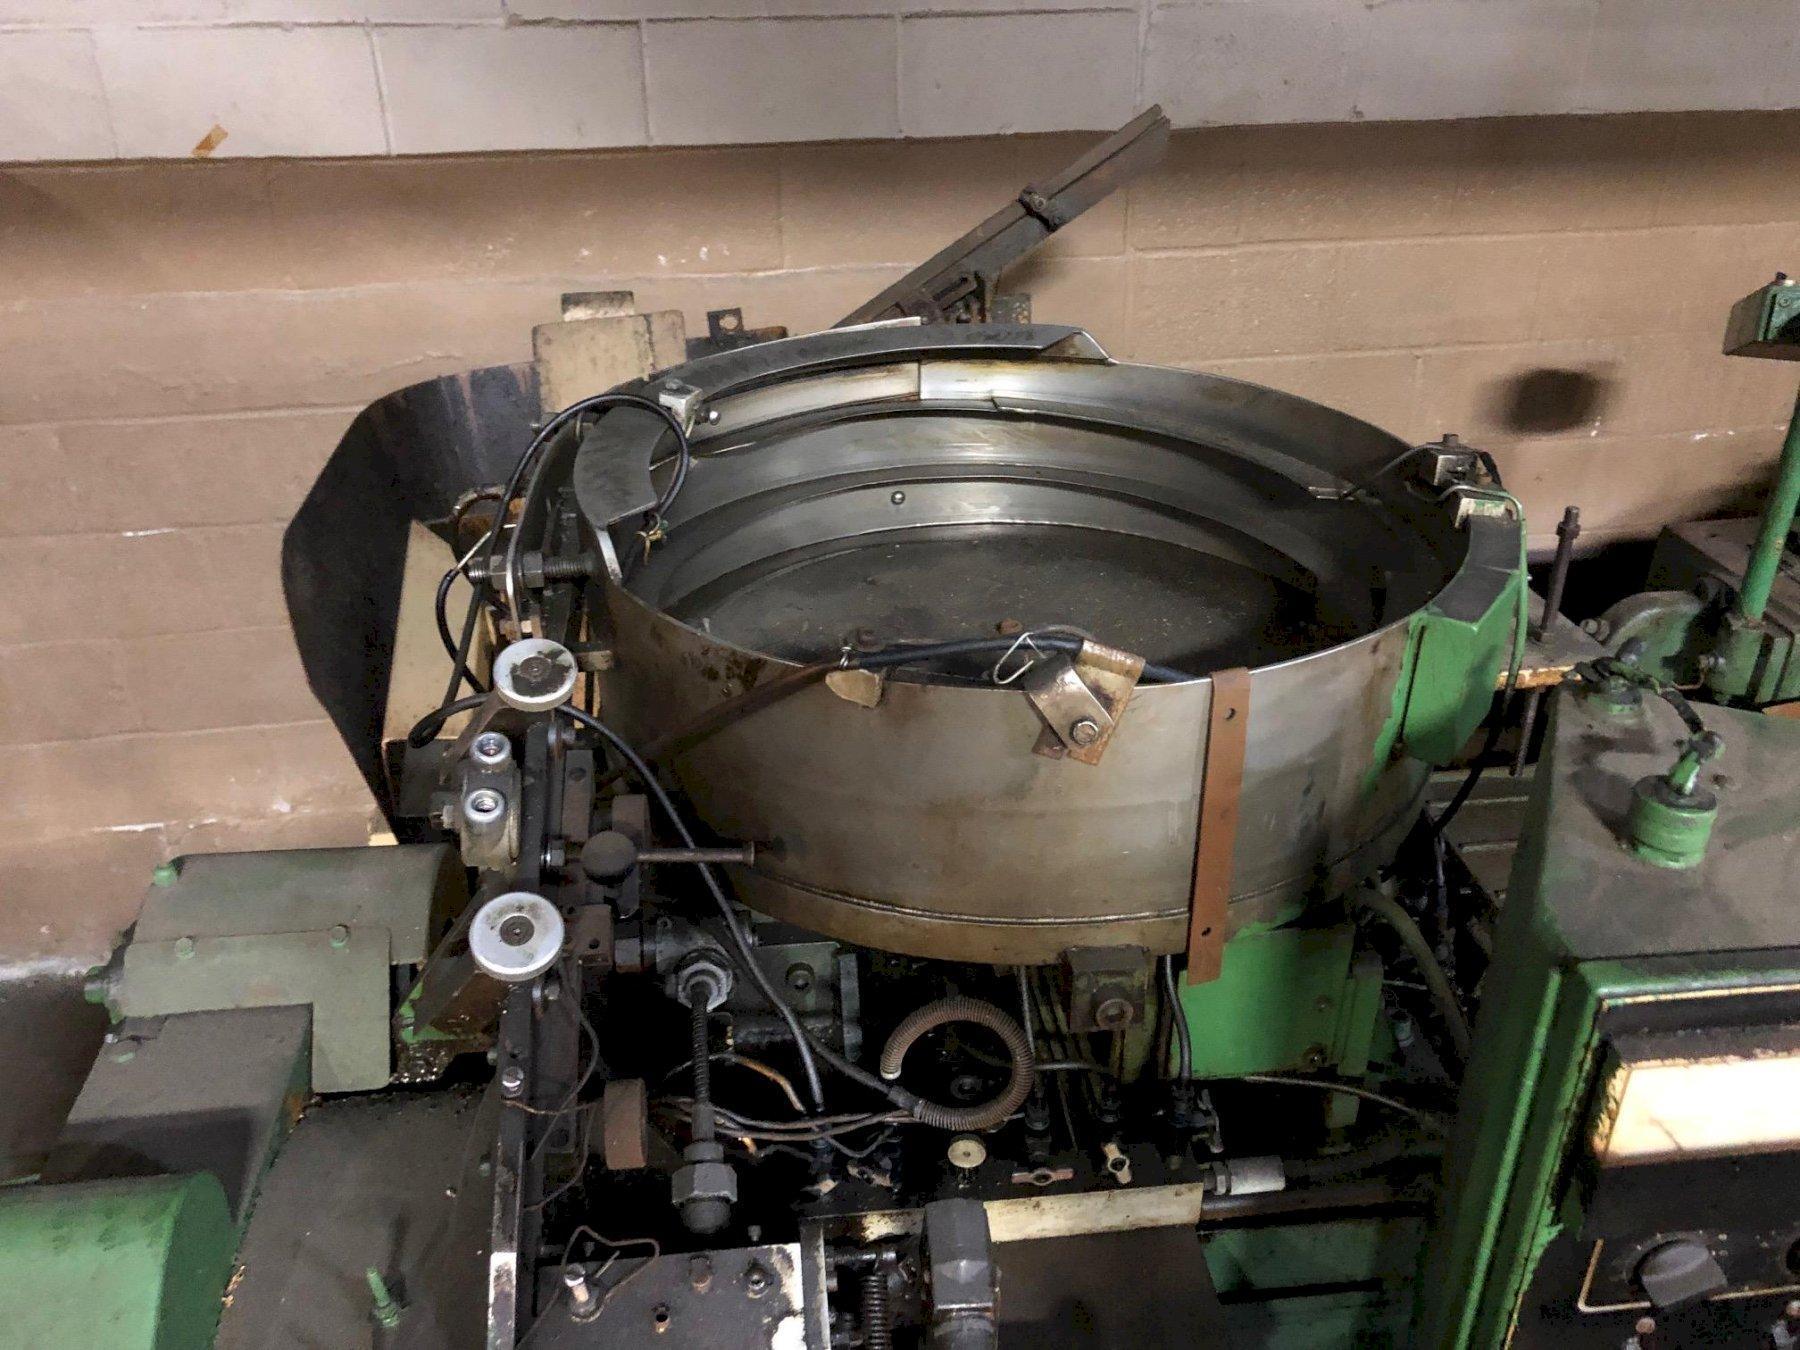 沃伦模型WS-1000高速头插床